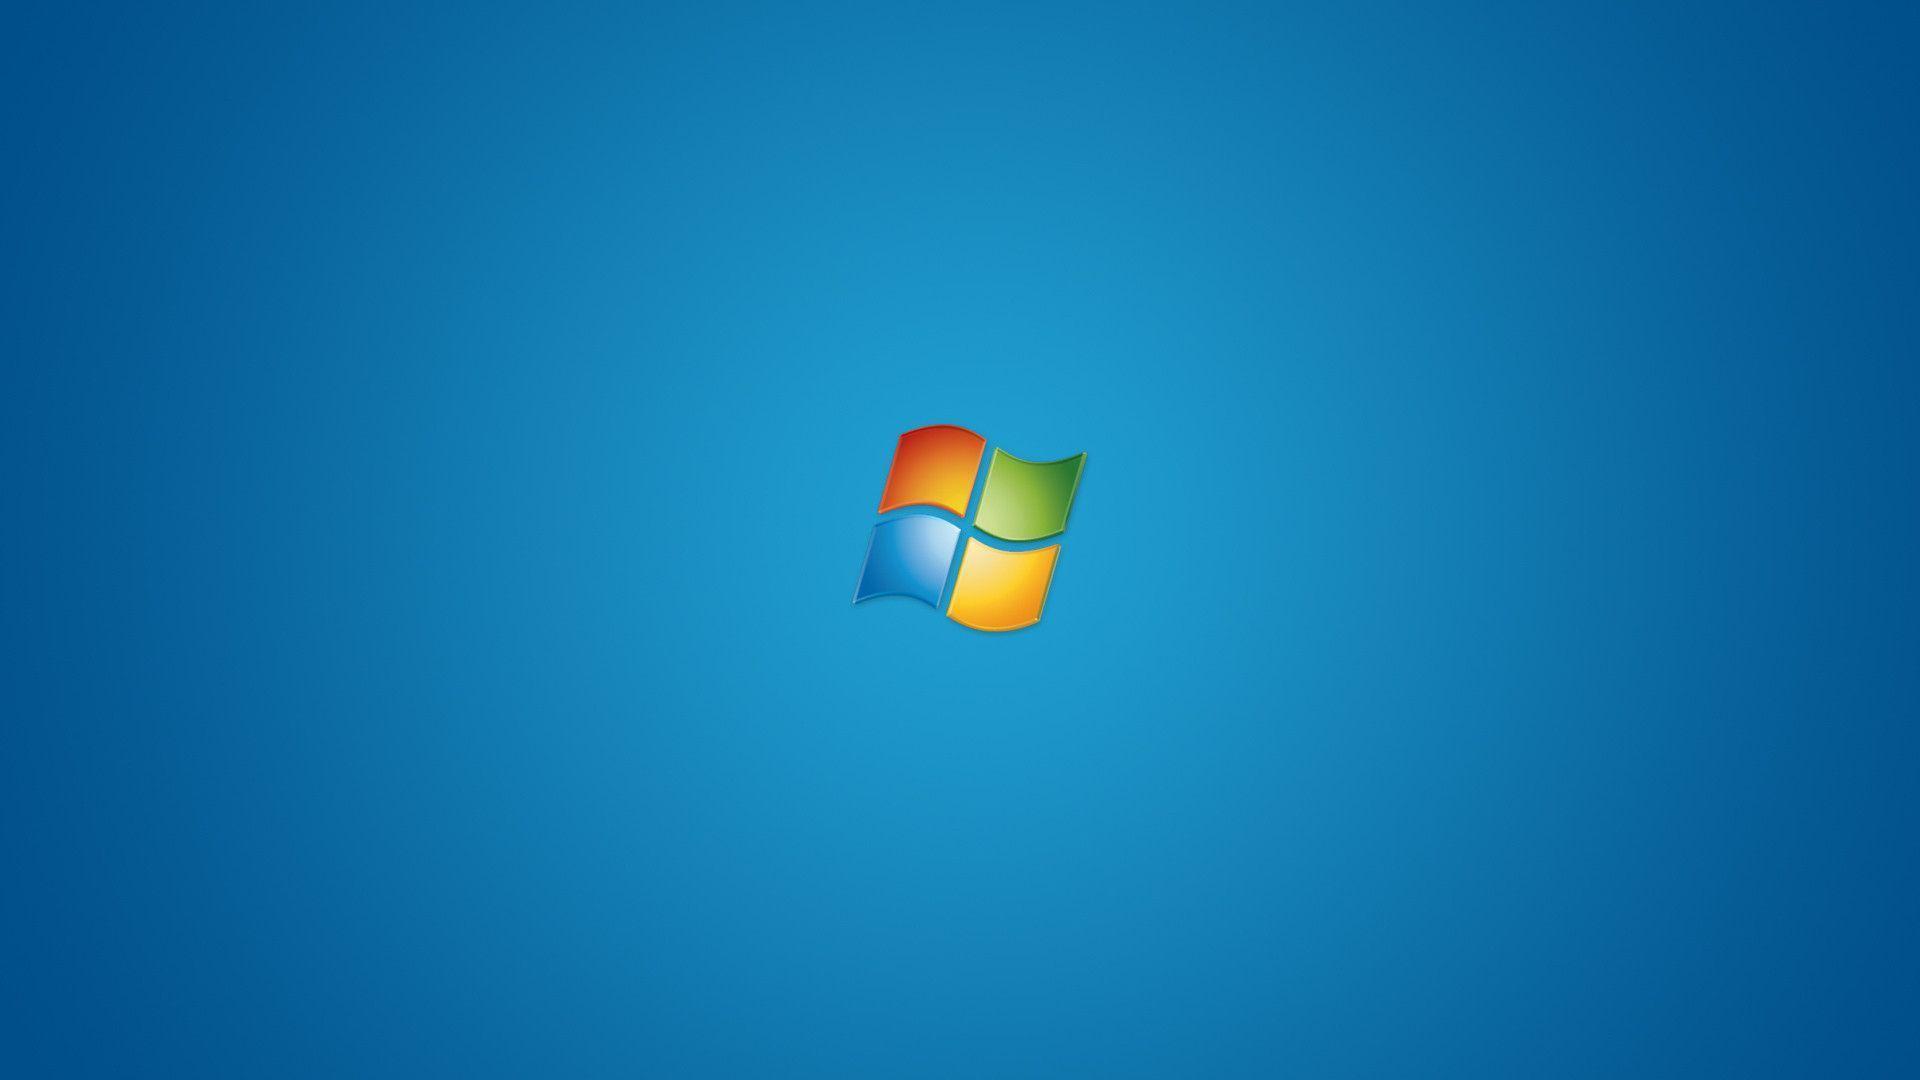 Free Desktop Wallpapers Microsoft Wallpaper Cave